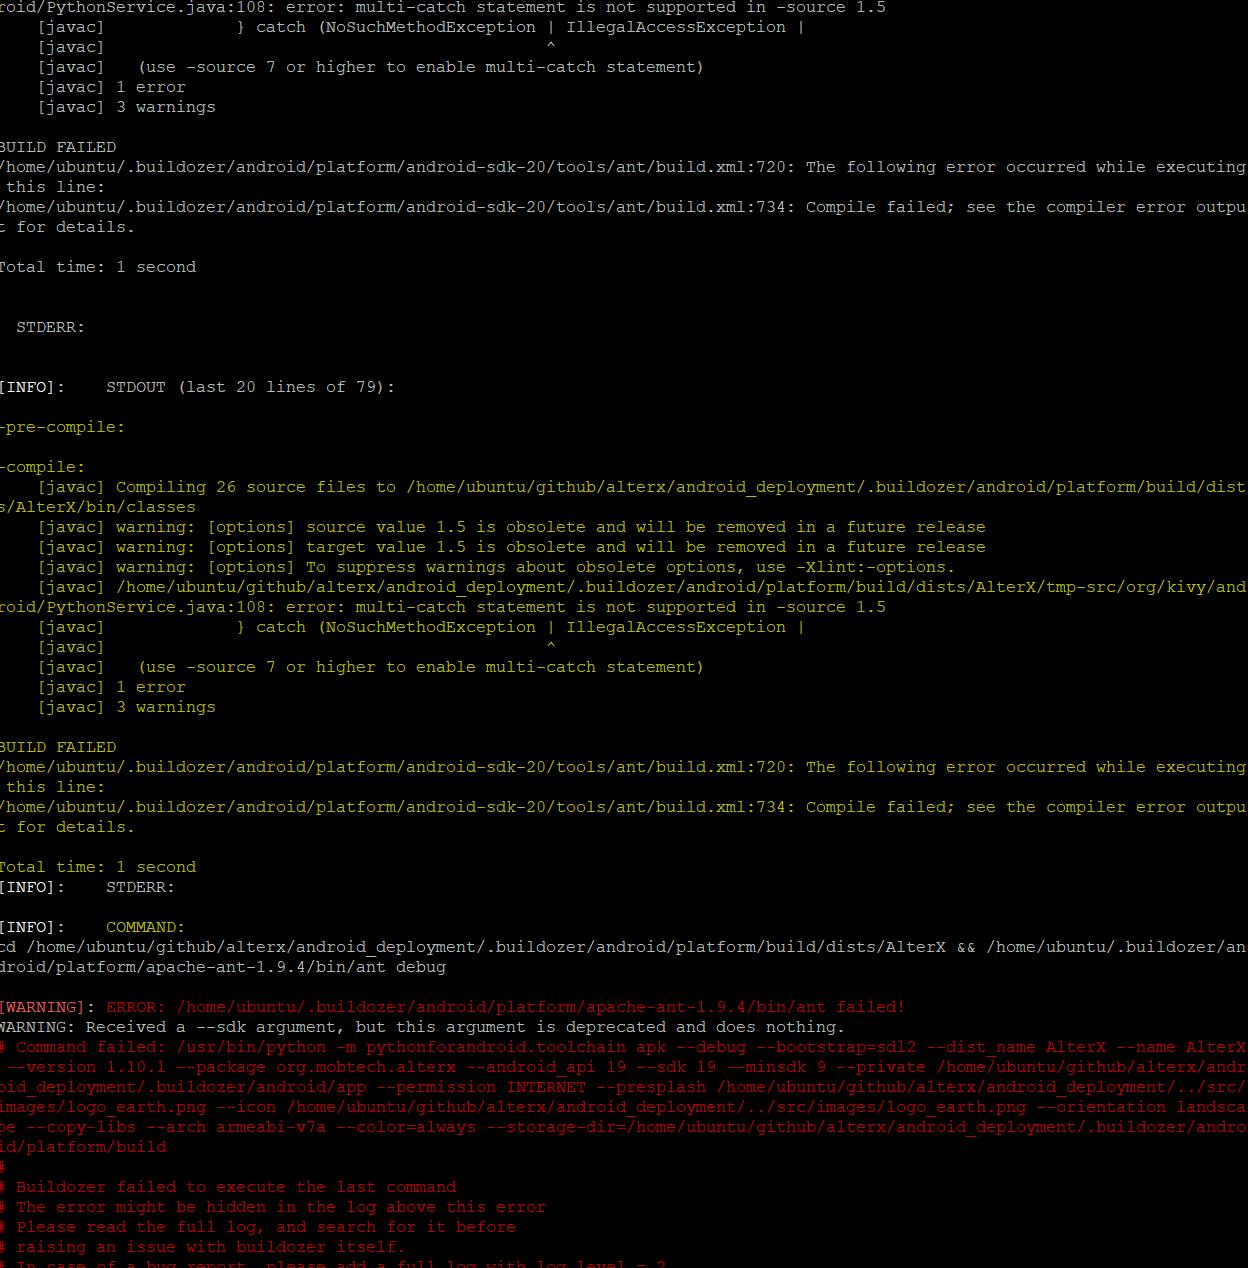 ERROR: /home/ubuntu/ buildozer/android/platform/apache-ant